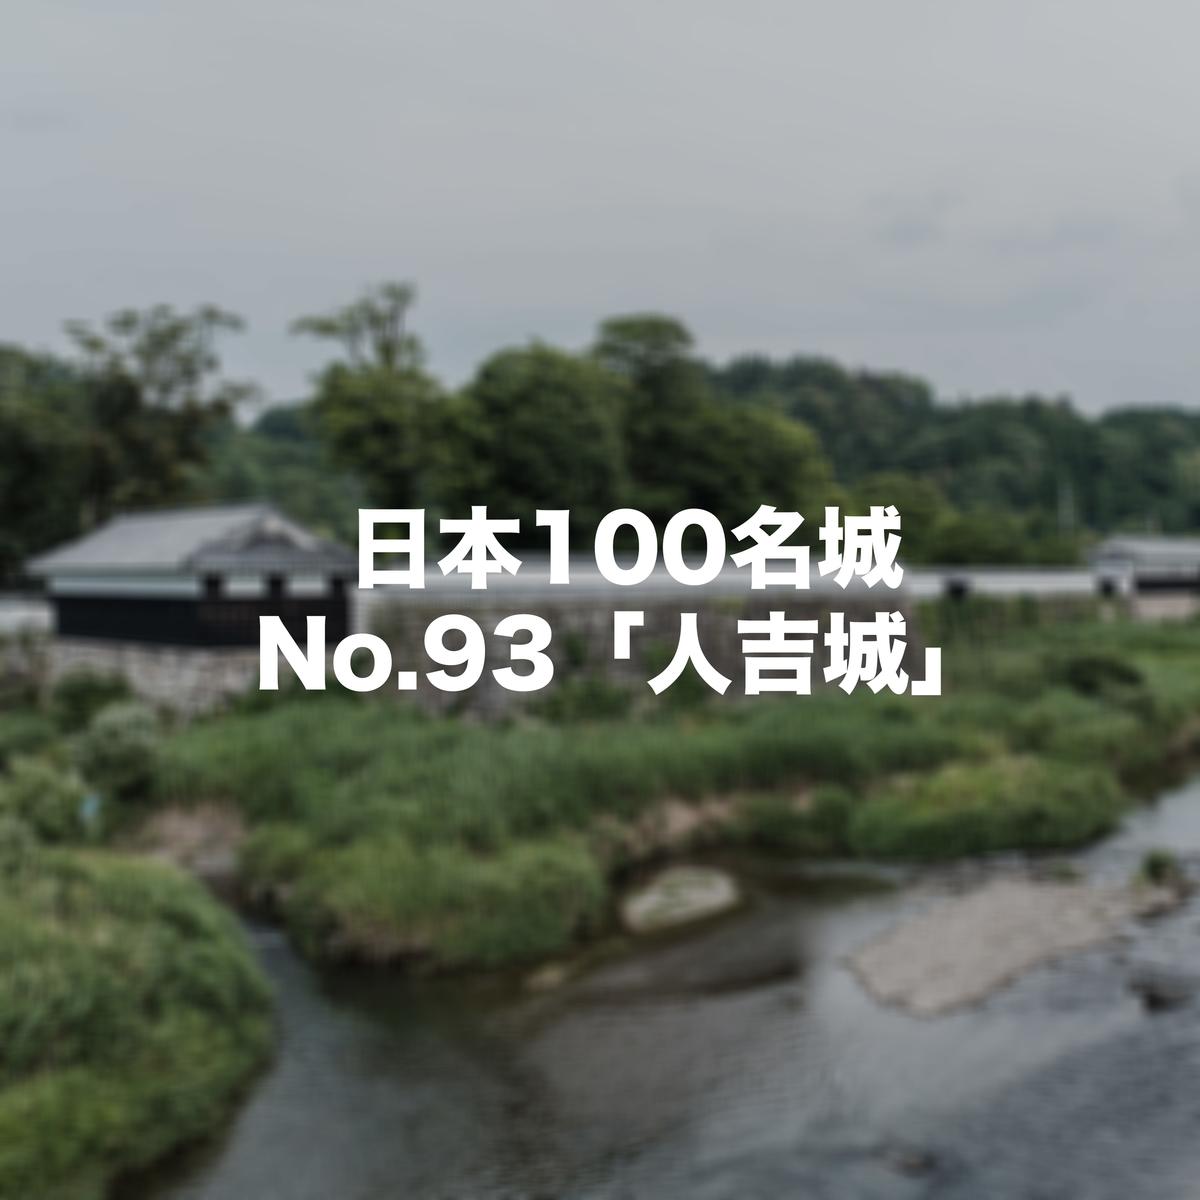 f:id:tidus_tabilog:20201007112441j:plain